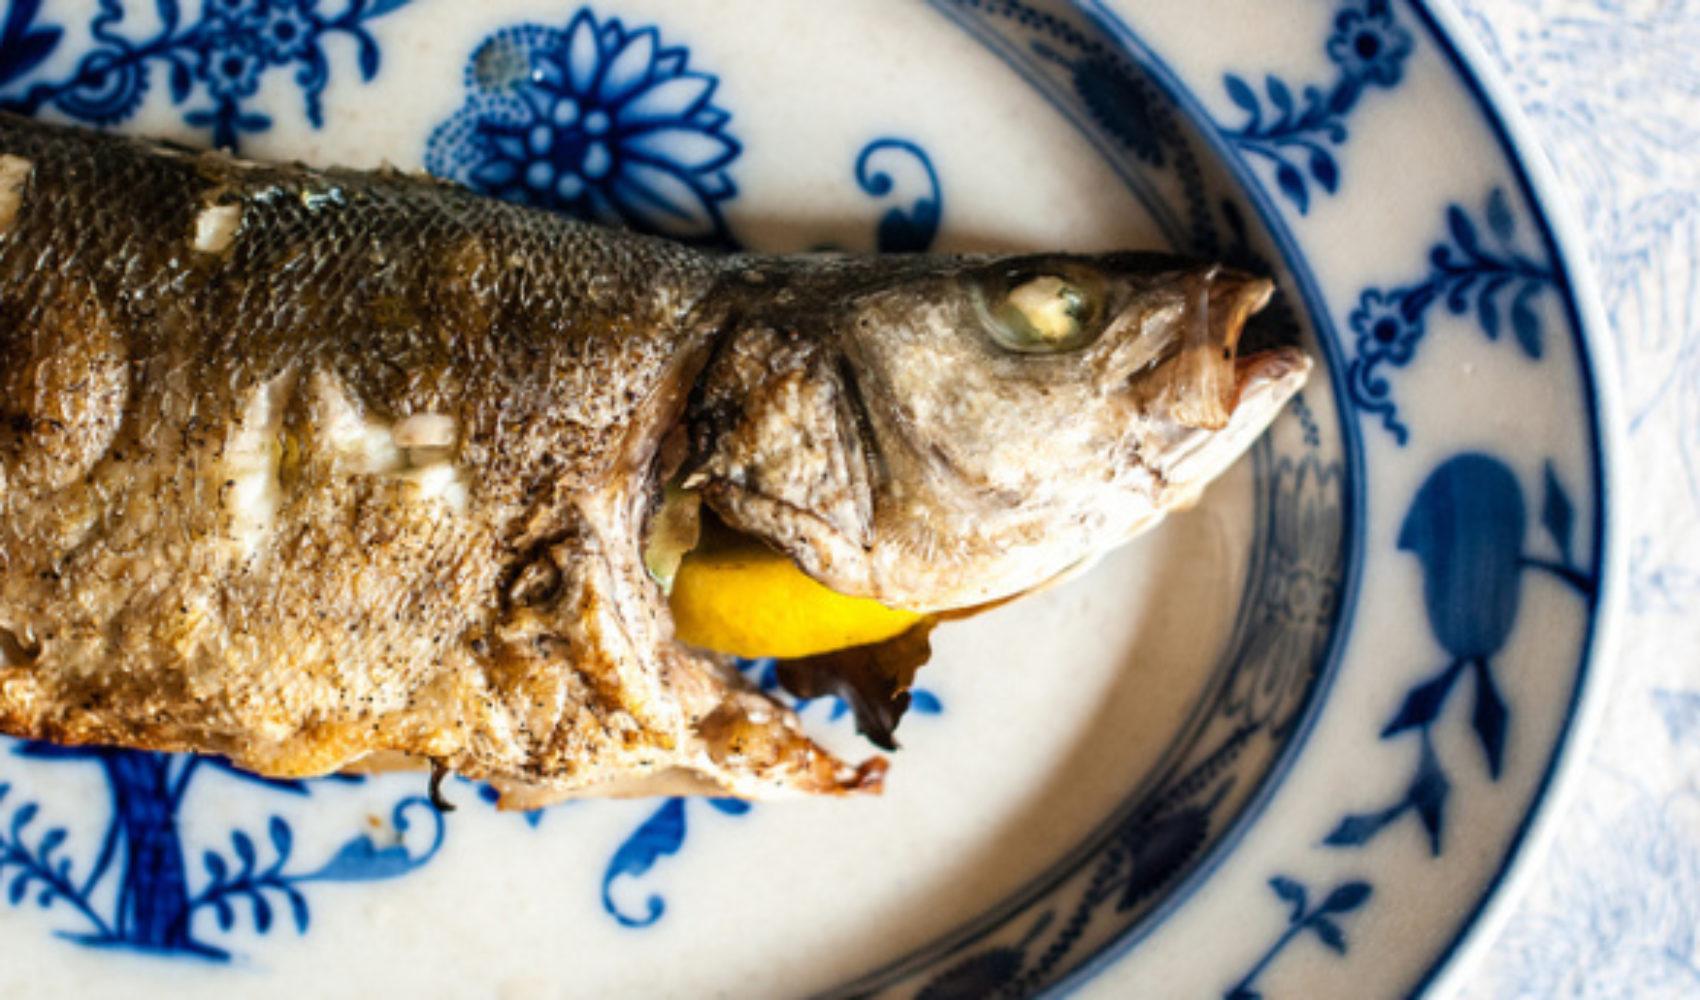 Was aßen sie? Die Amsterdamer Foodblogger Toni Mazel und Stijn Nieuwendijk